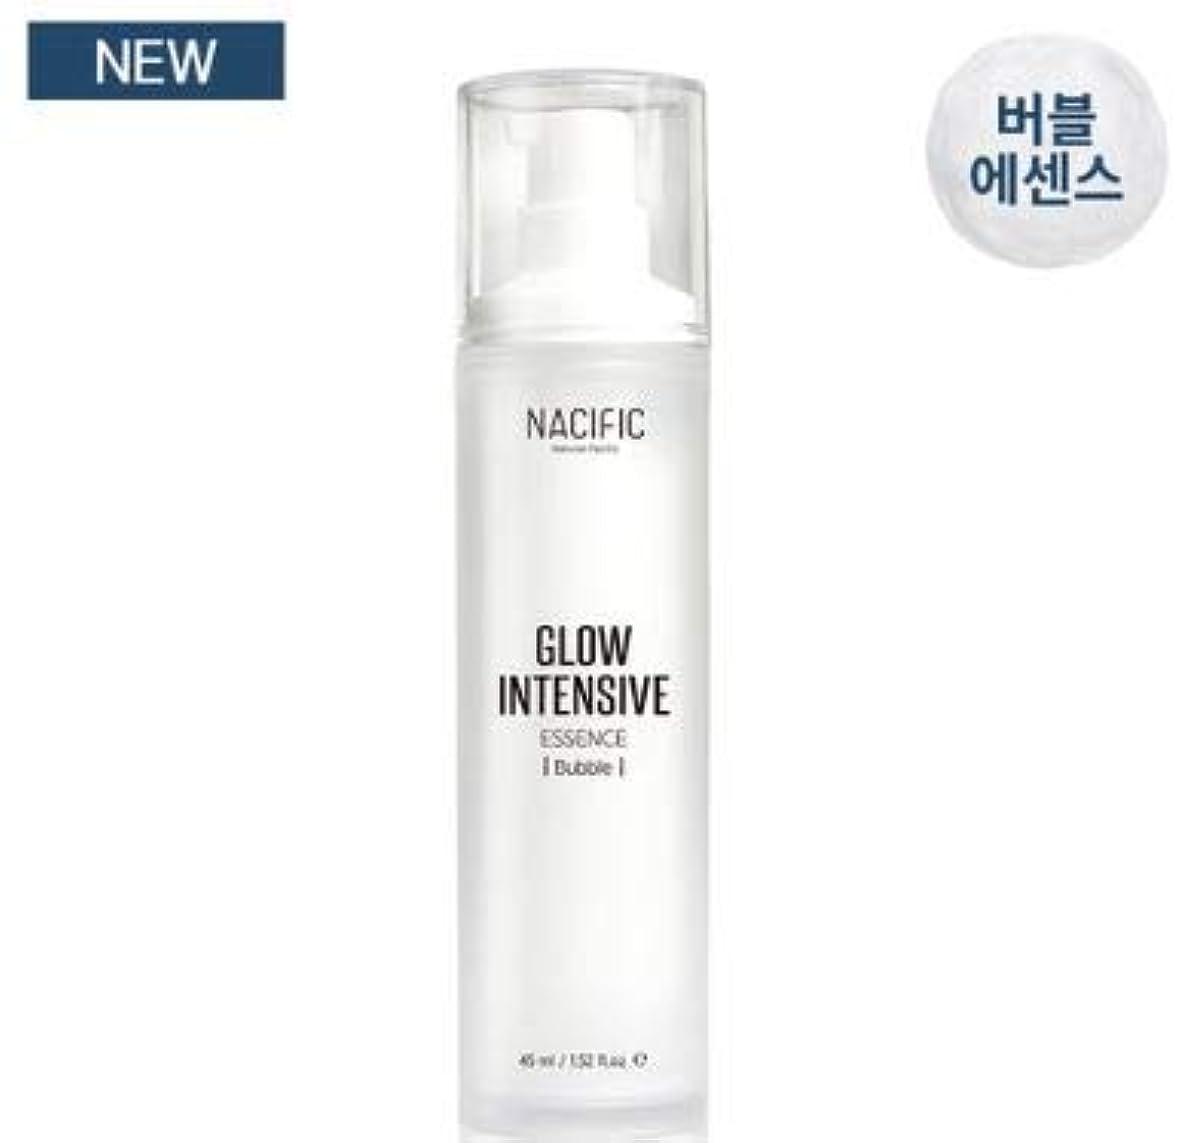 ヒール冷酷なブリリアント[NACIFIC] Glow Intensive Bubble Essence 45ml/[ナシフィック]グローインテンシブバブルエッセンス45ml [並行輸入品]